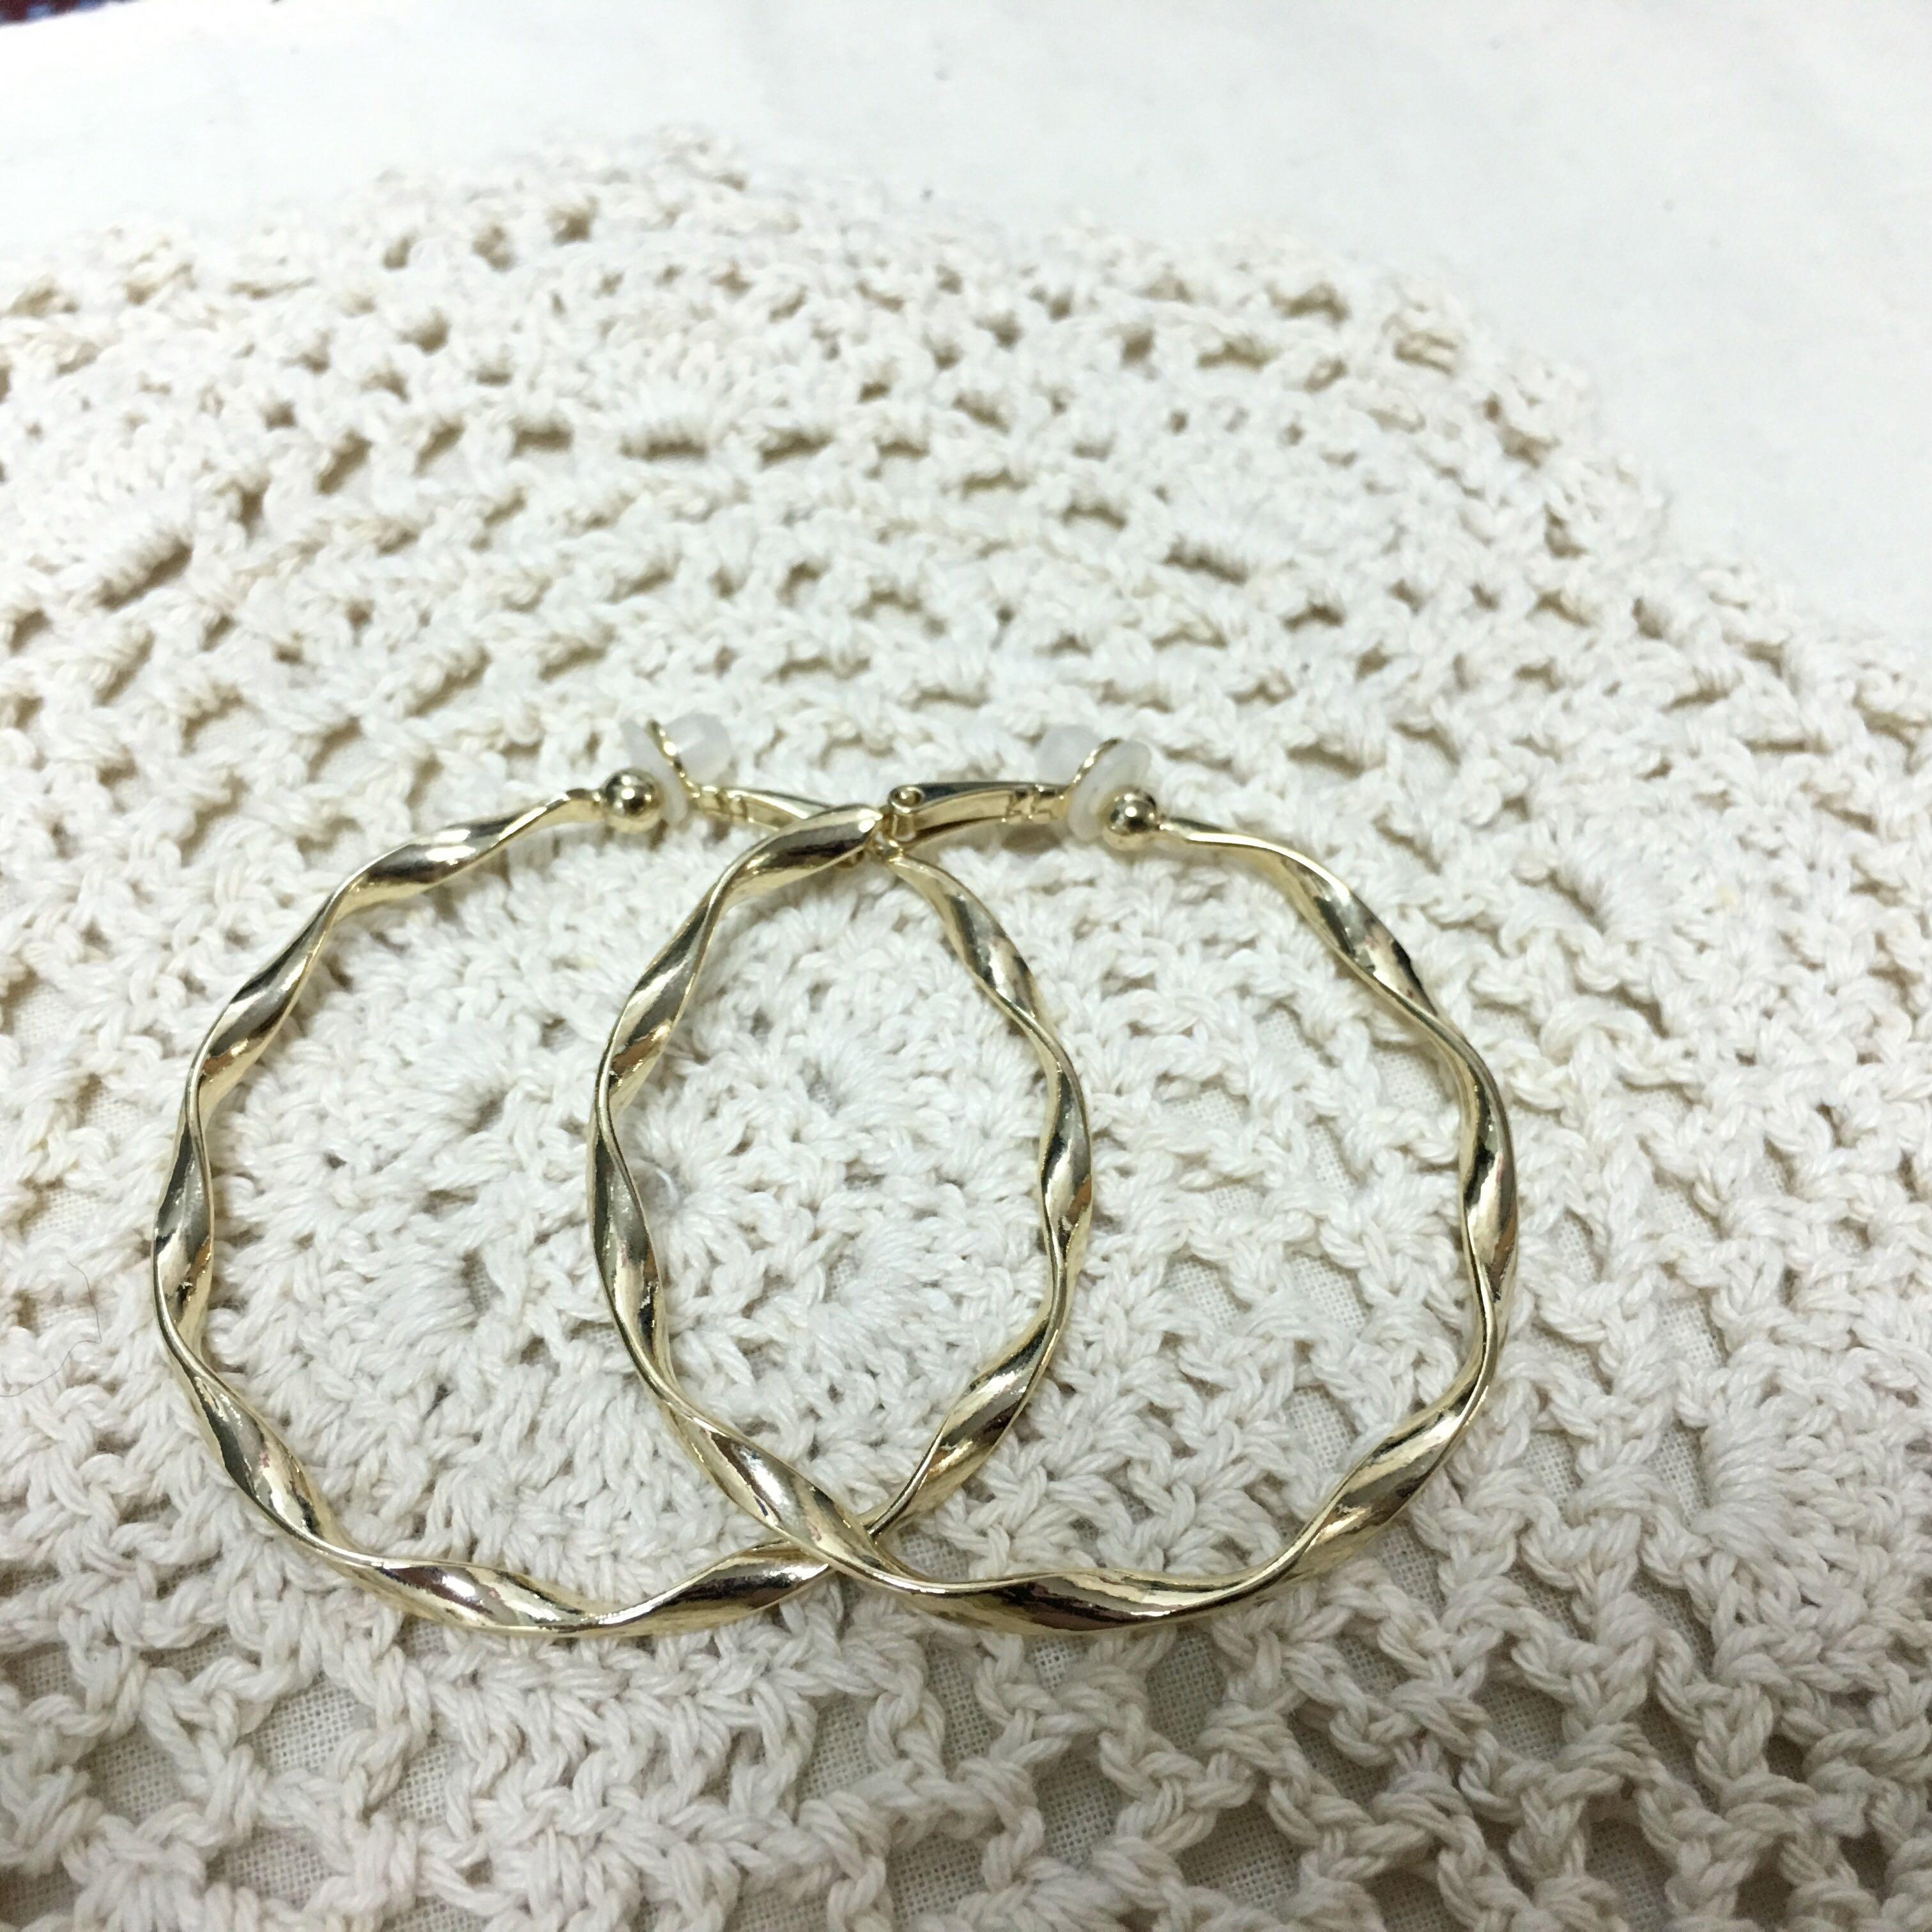 歐美大圈夾式耳環